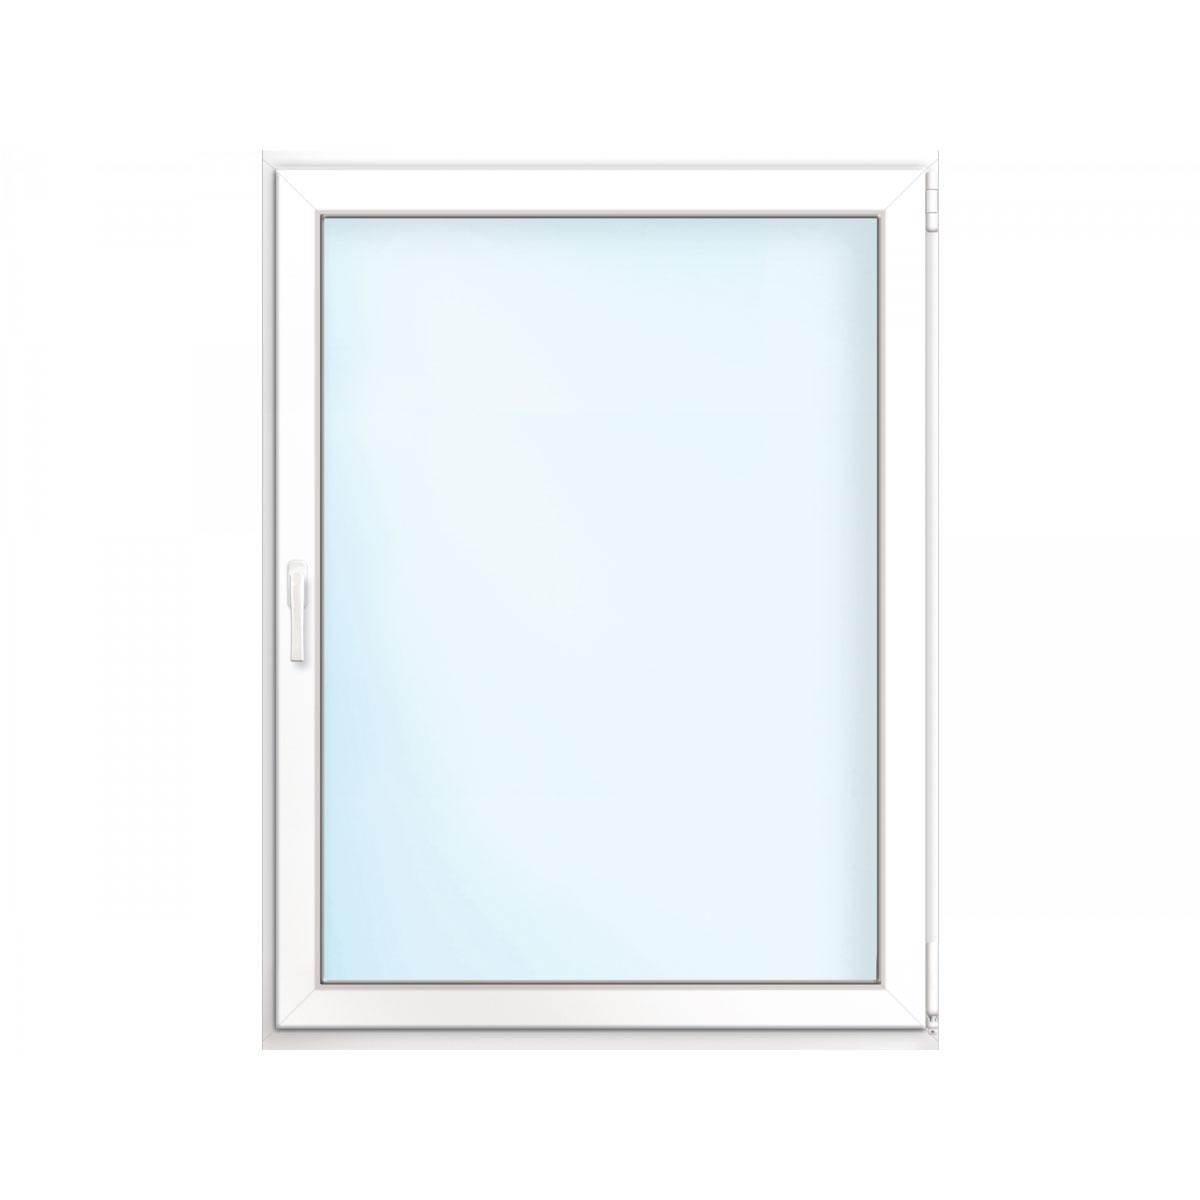 Fenster PVC 70/3 weiß/weiß Anschlag rechts 75x120 cm